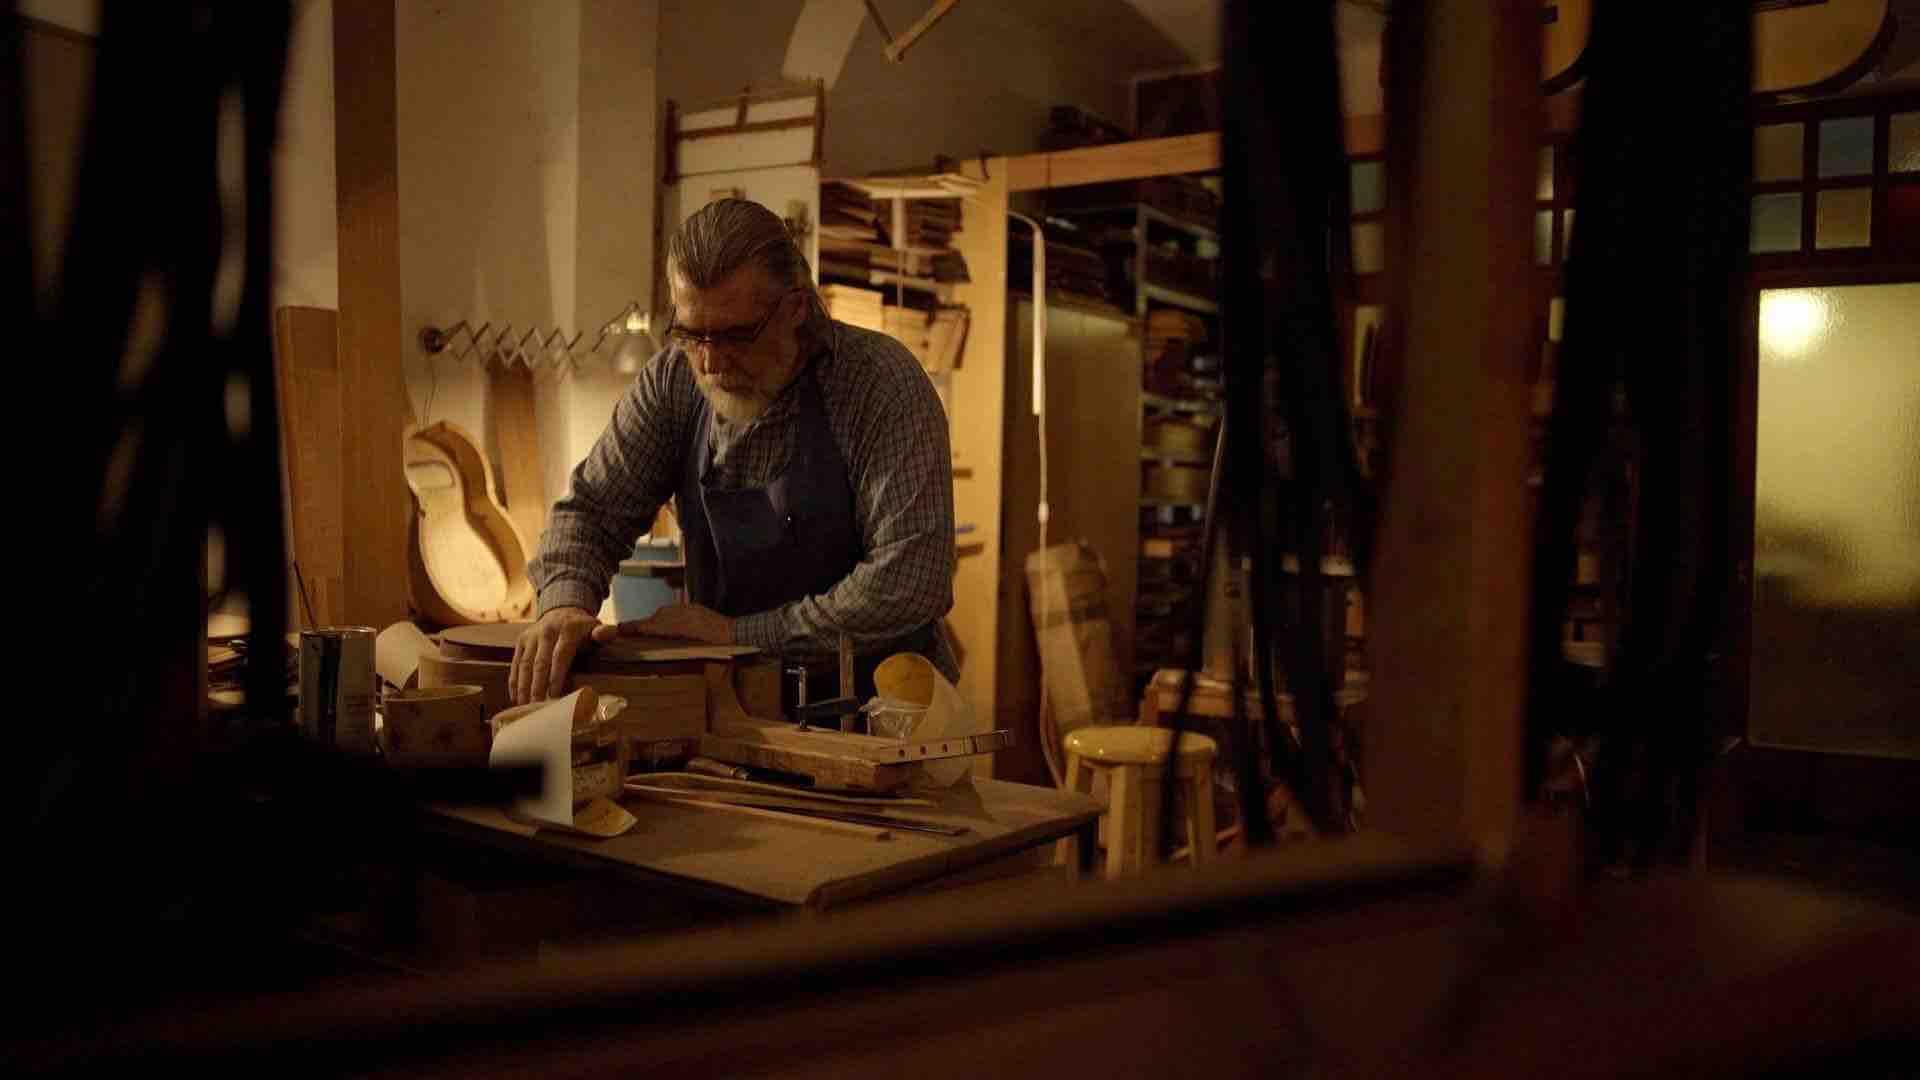 luthier-cerrando-guitarra